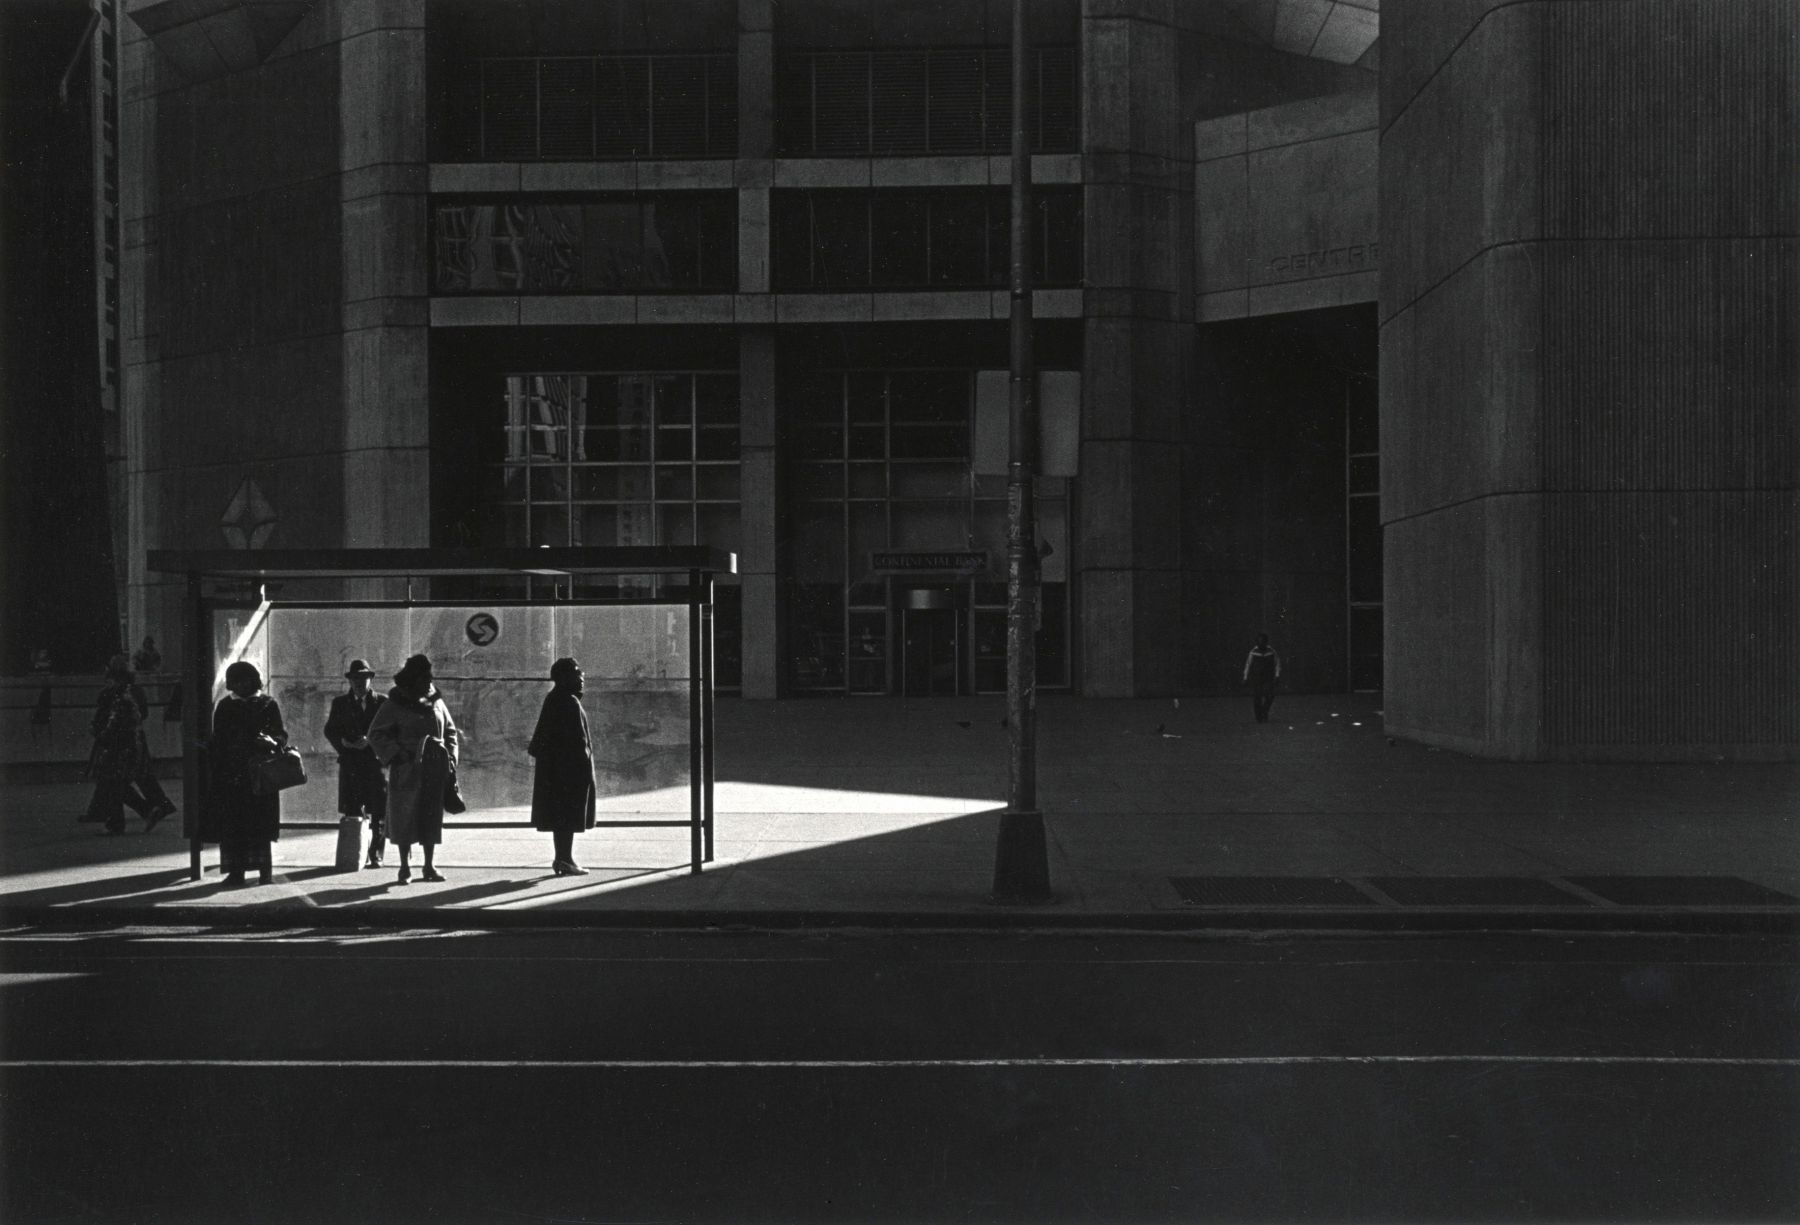 Ray Metzker City Whispers: Philadelphia, 1981